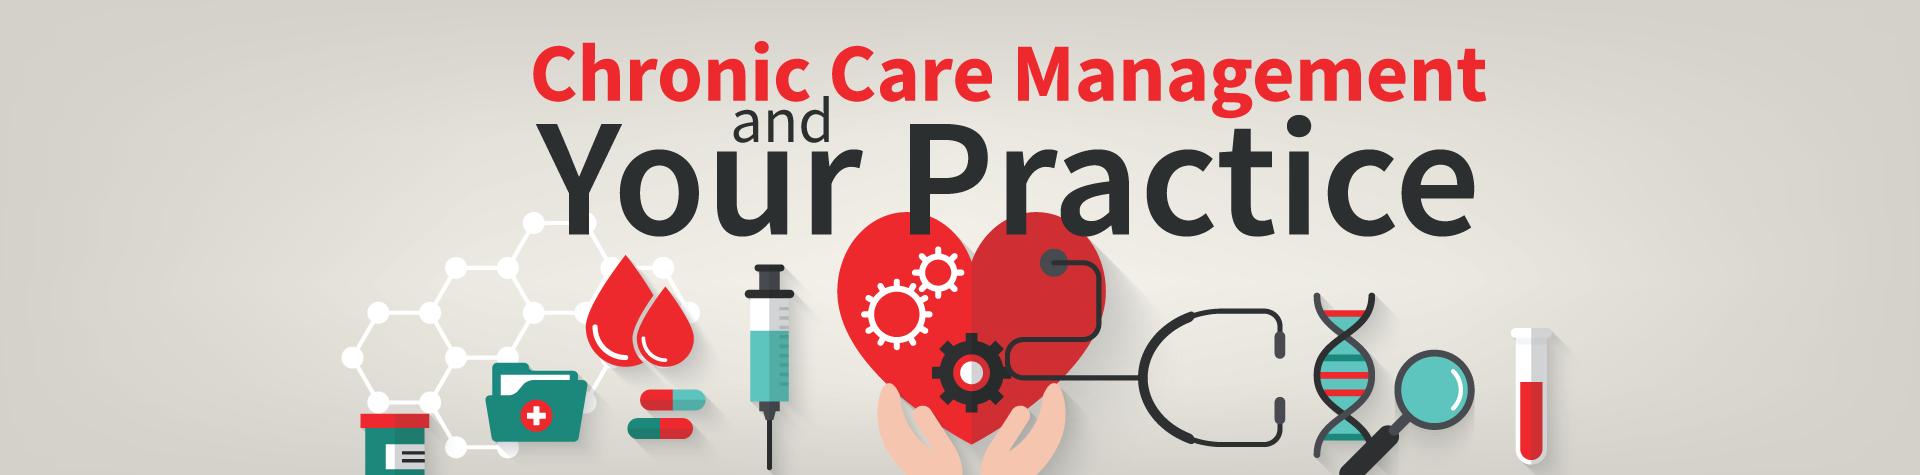 Chronic Care Header